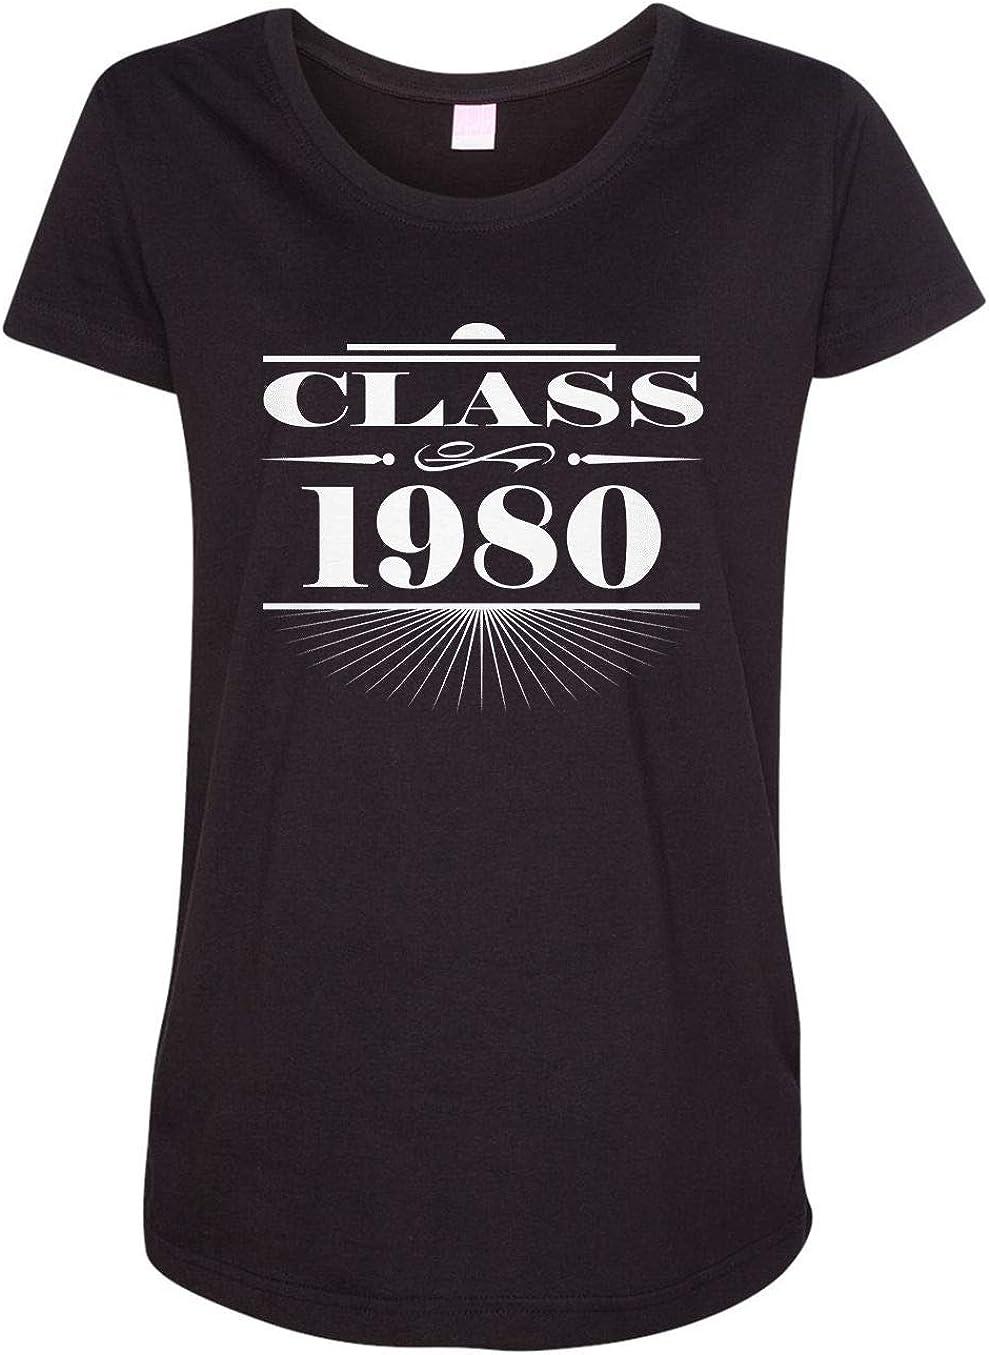 HARD EDGE DESIGN Women's Art Deco Class of 1980 T-Shirt